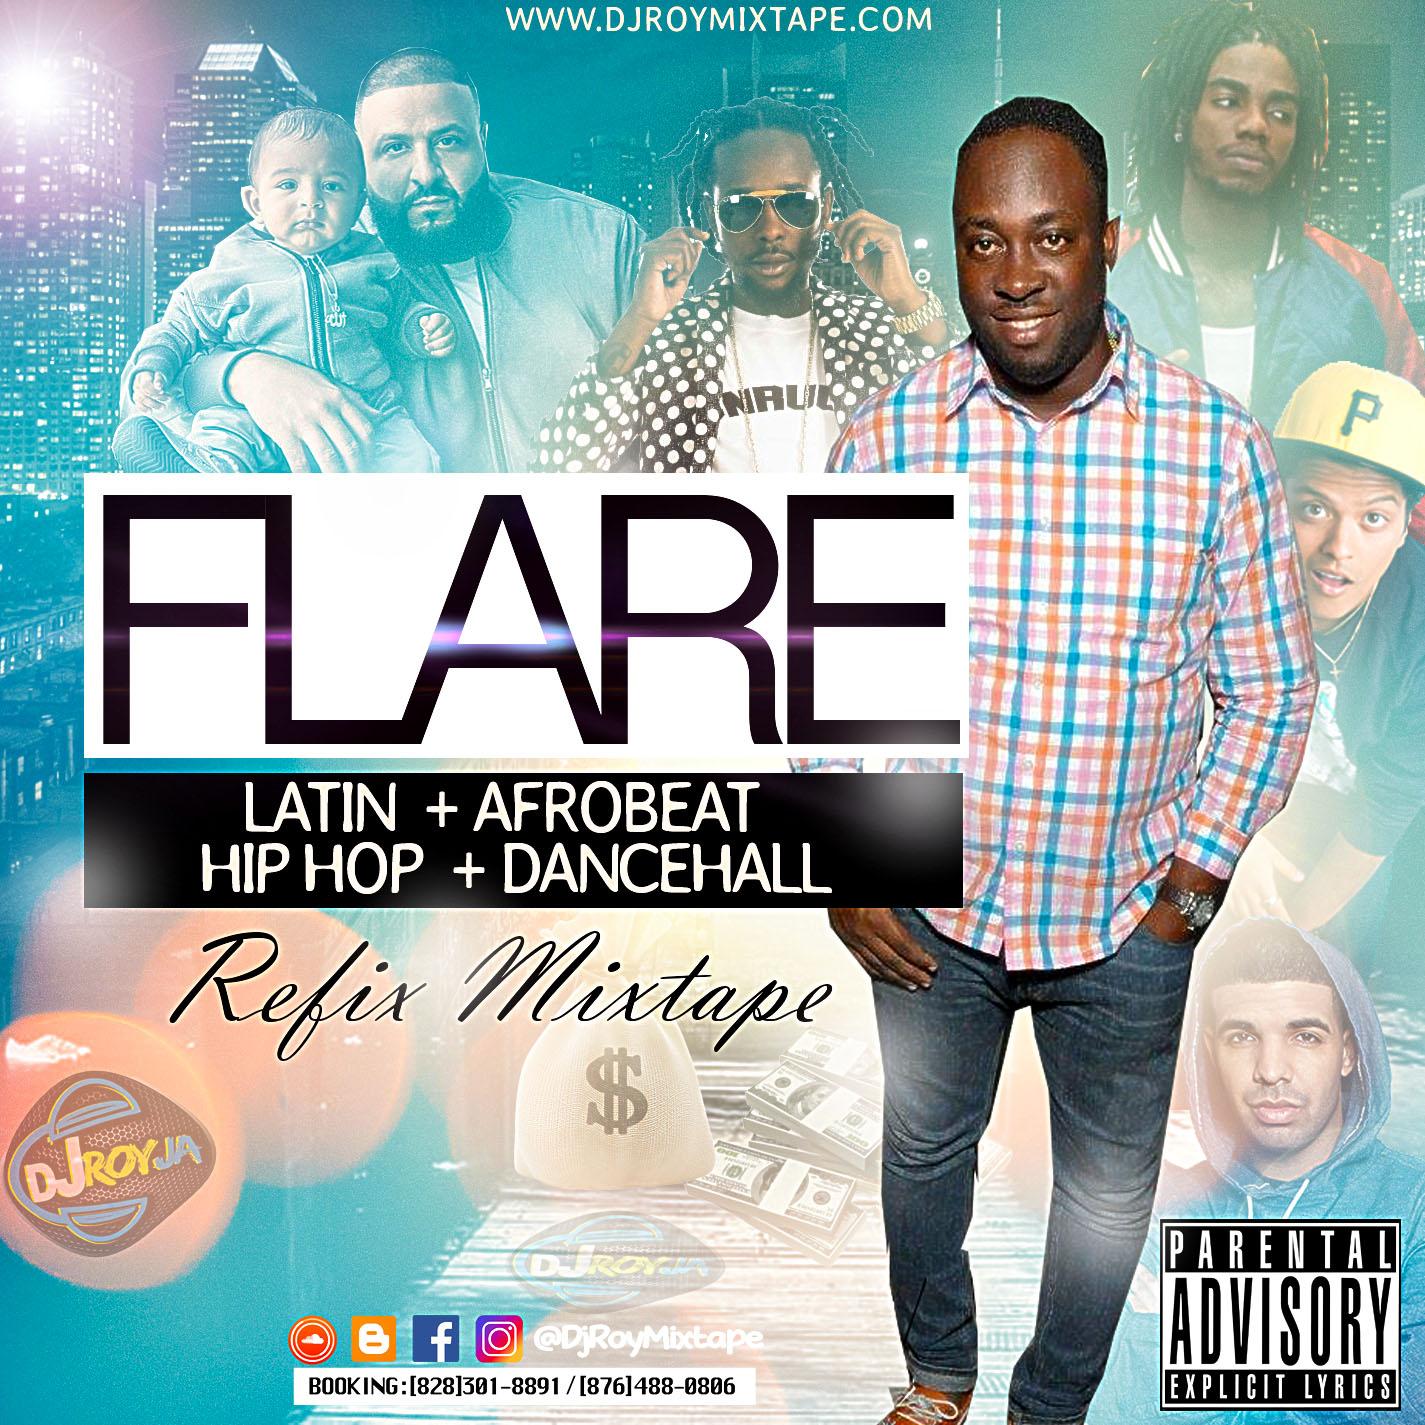 DJROYMIXTAPE : DJ ROY FLARE Latin X Afrobeat X Hip Hop X Dancehall